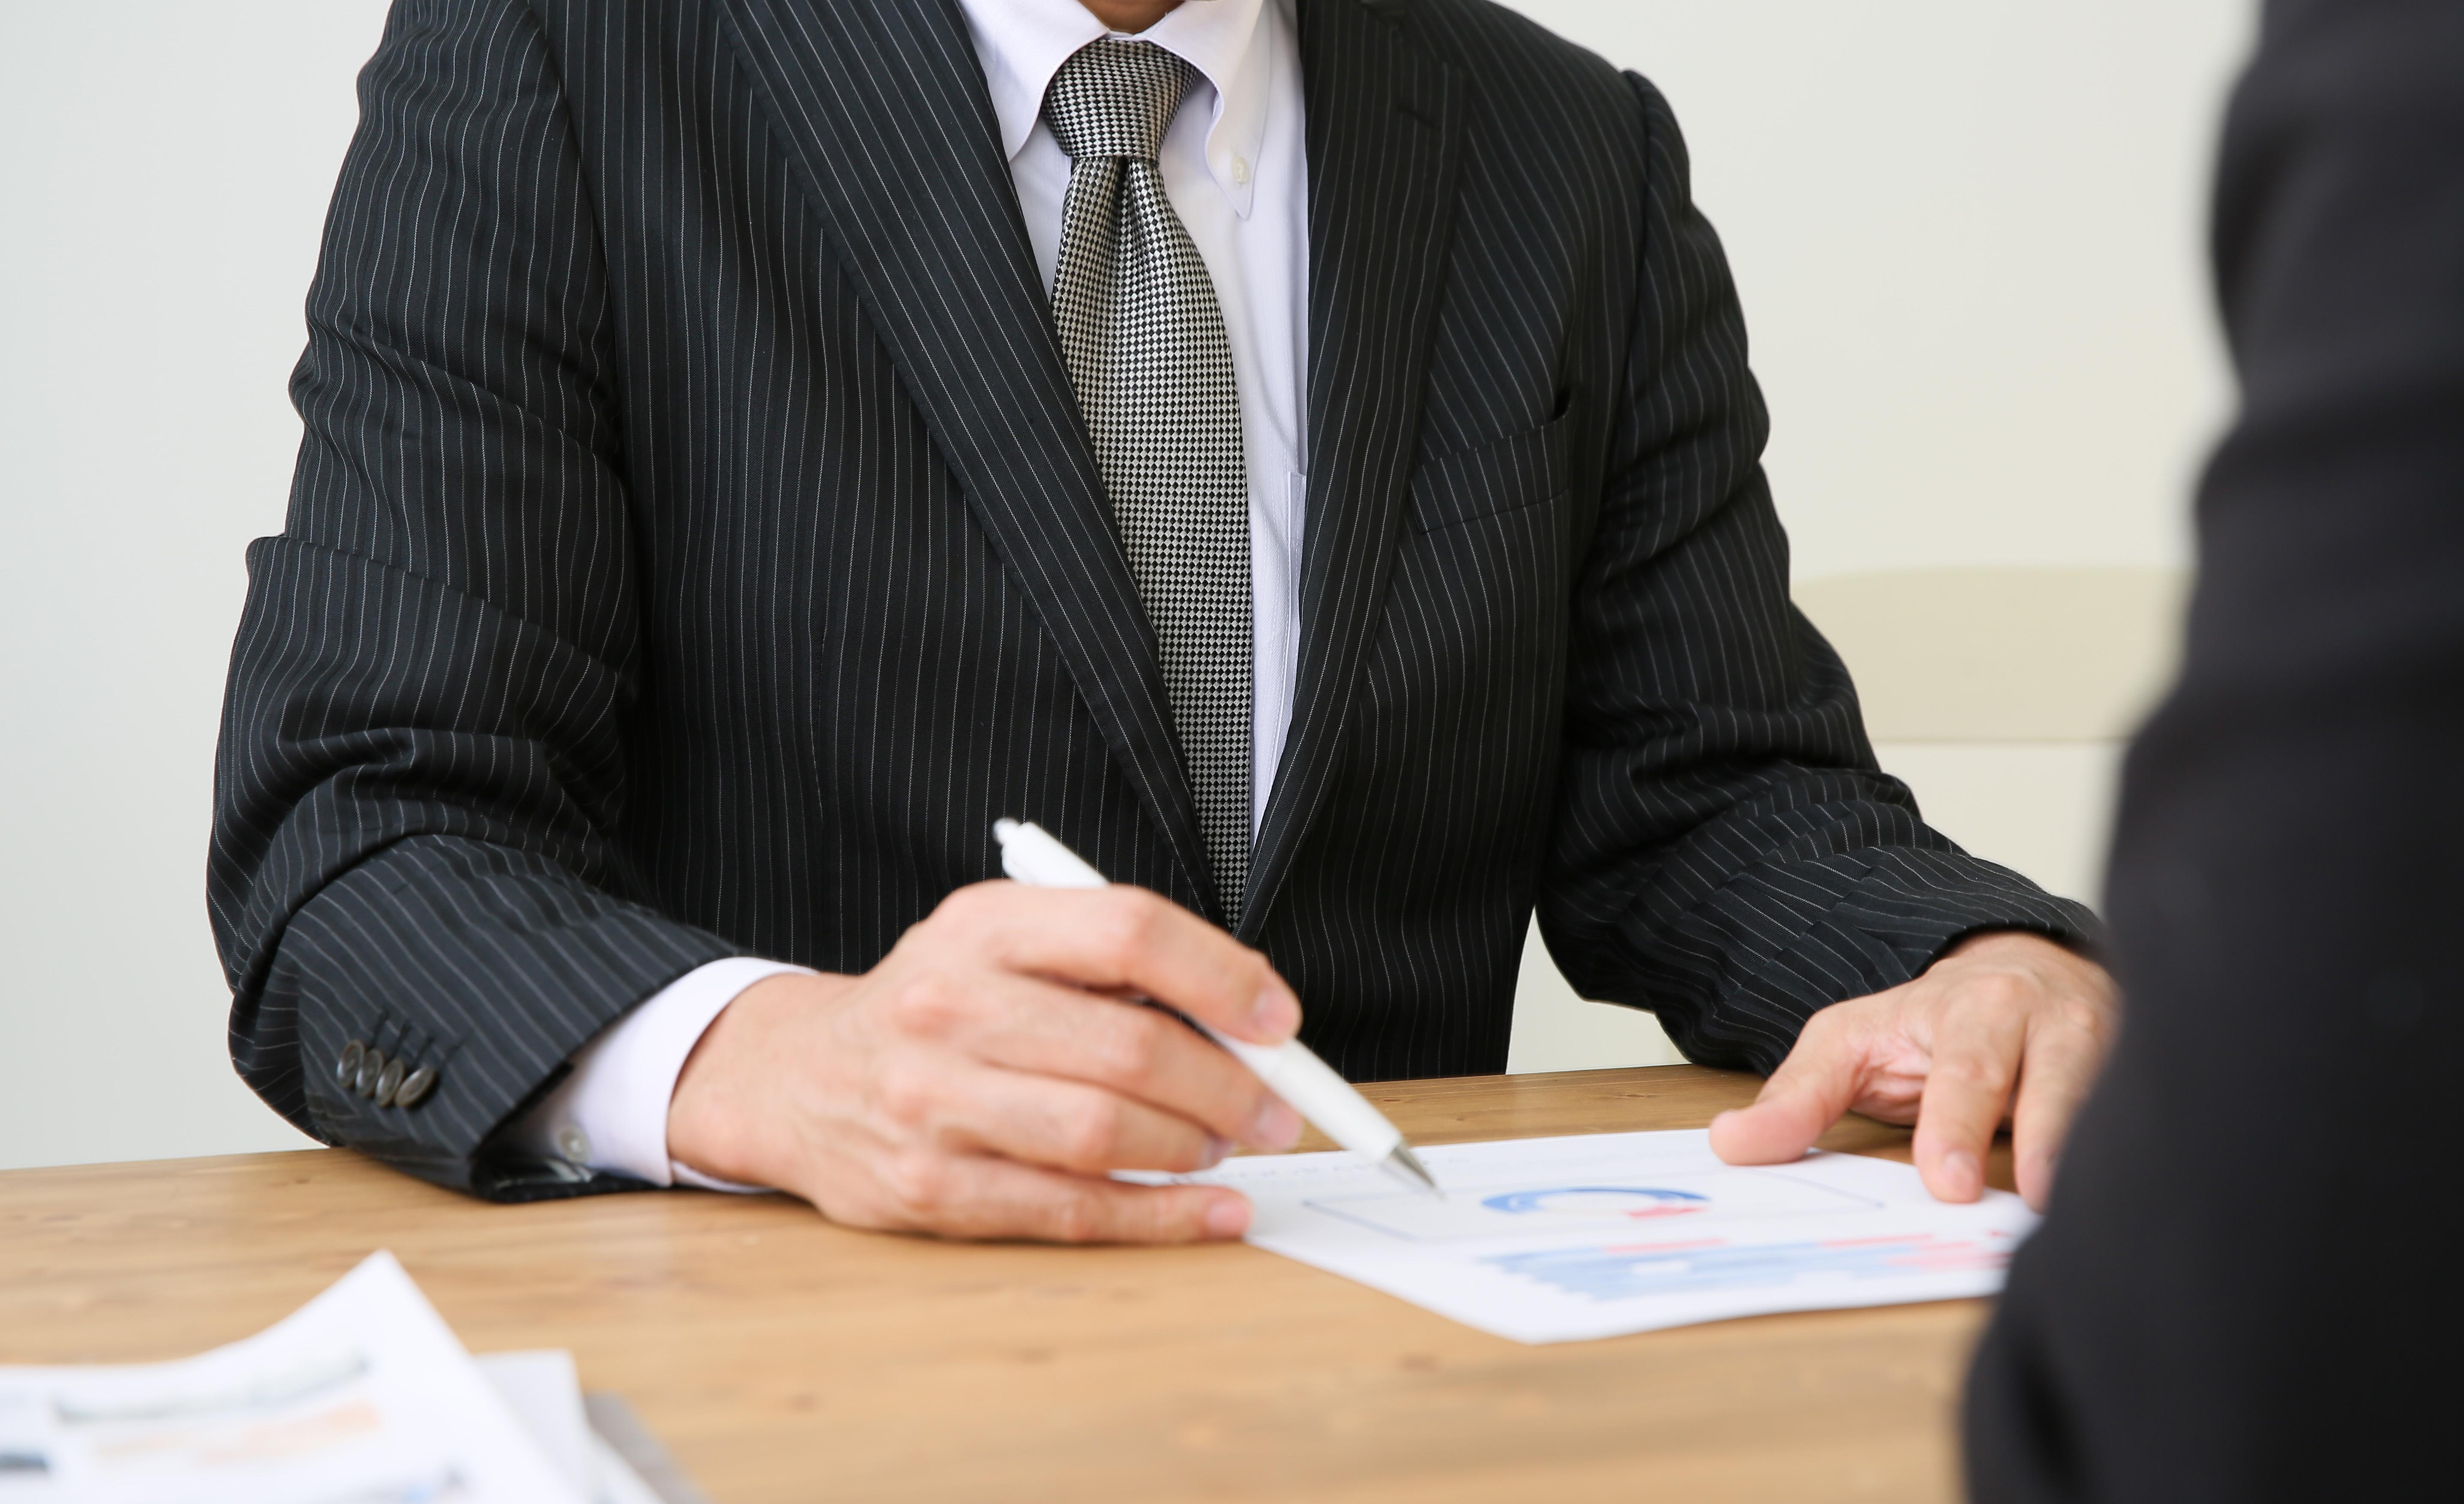 転職活動をしていることは周りに言わない方がいい、上司だけではなく信用している友人や同僚でもリスクはある